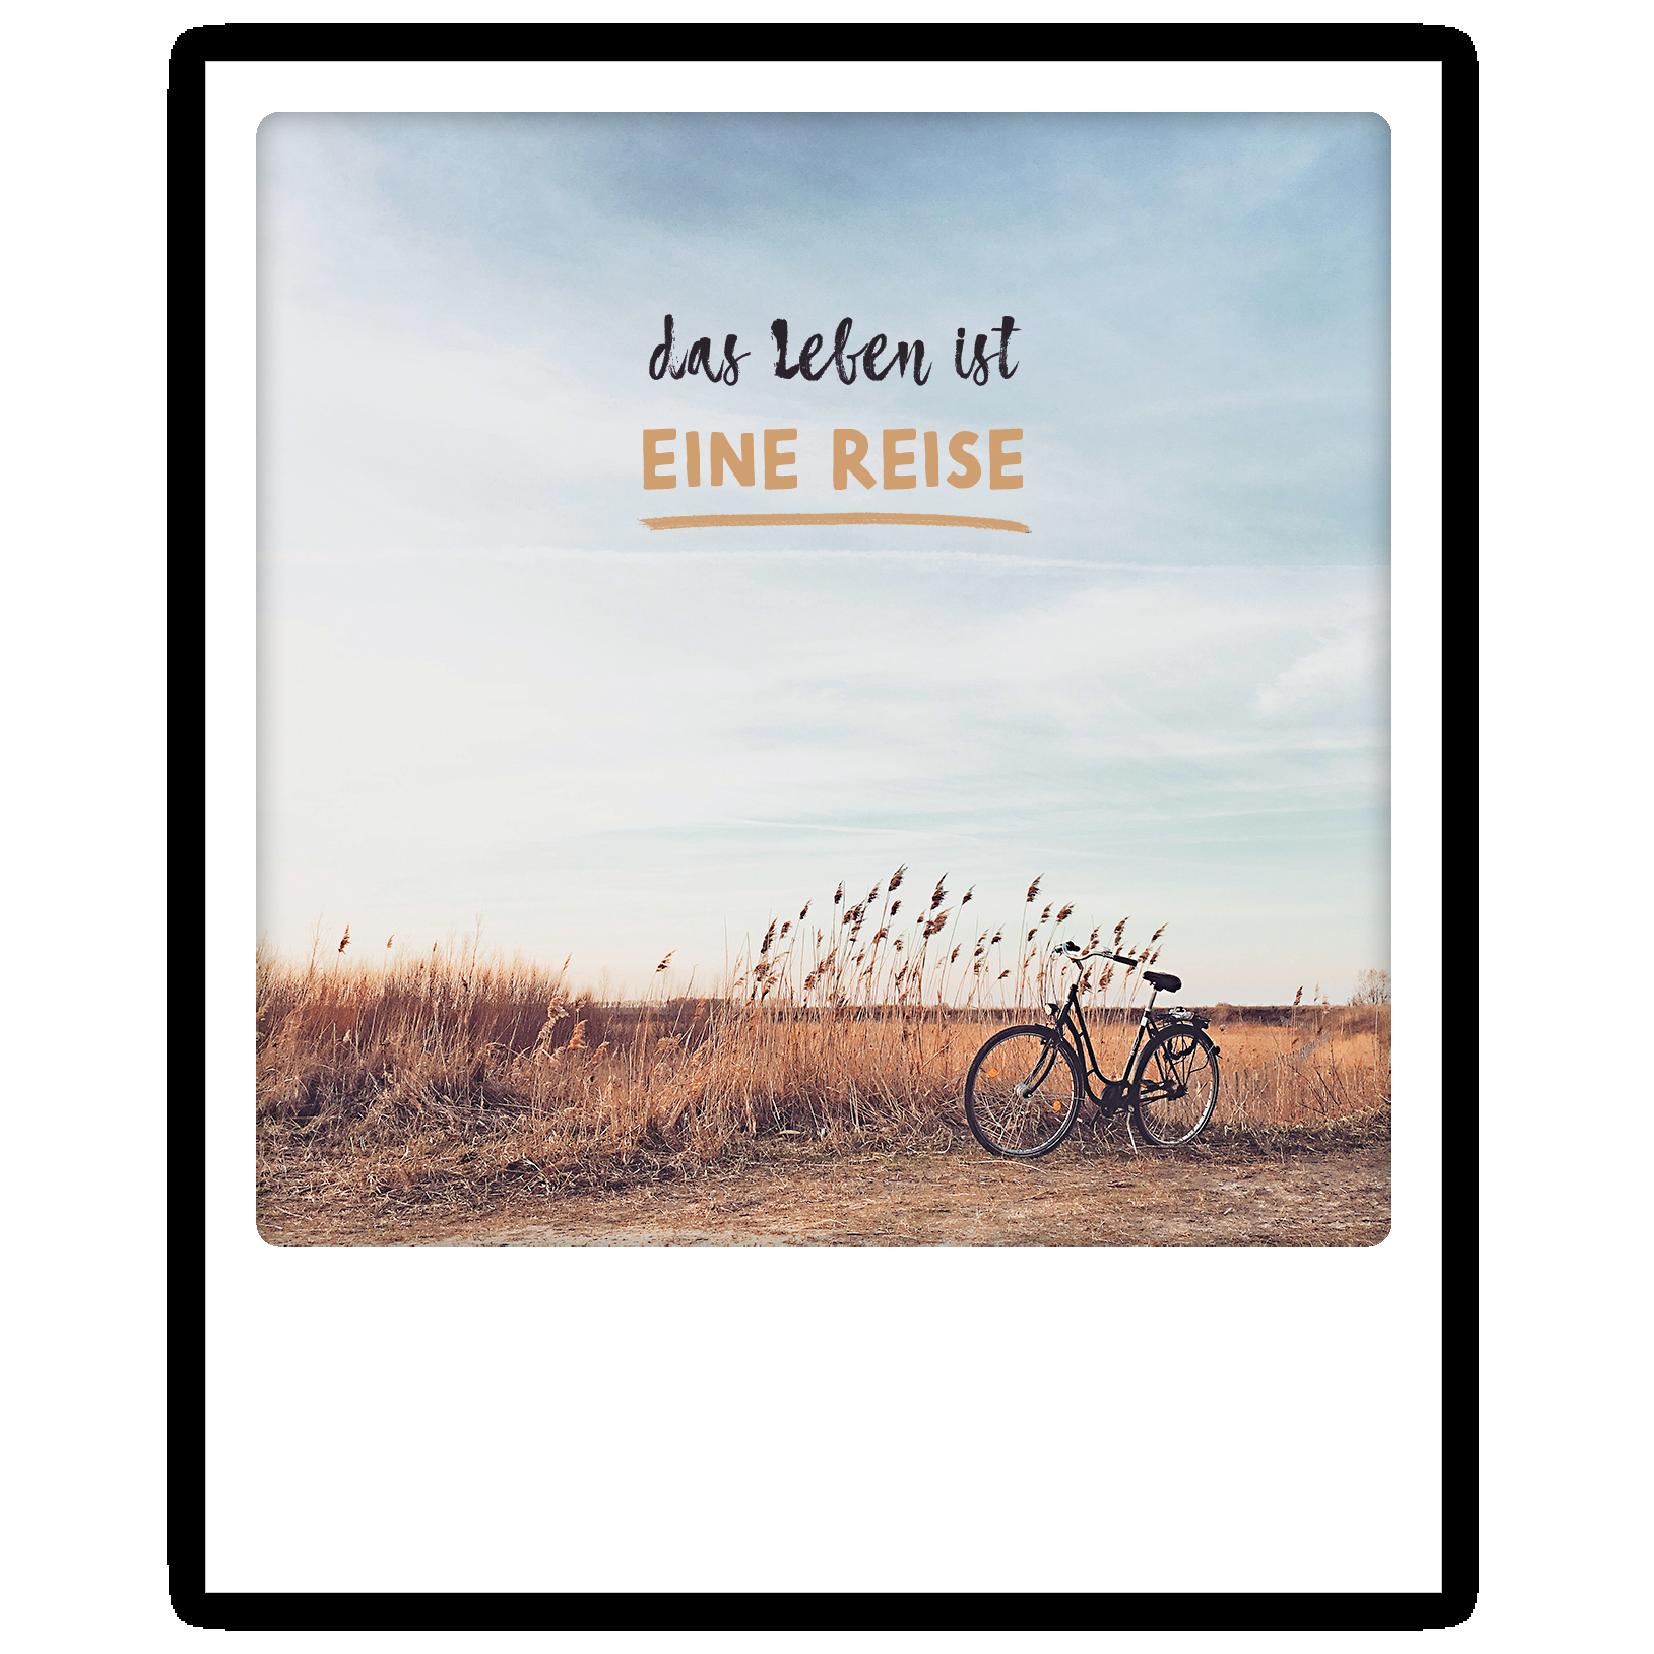 """Photo-Postkarte """"Das Leben ist eine Reise"""" - ZG 0758 - DE - Pickmotion"""